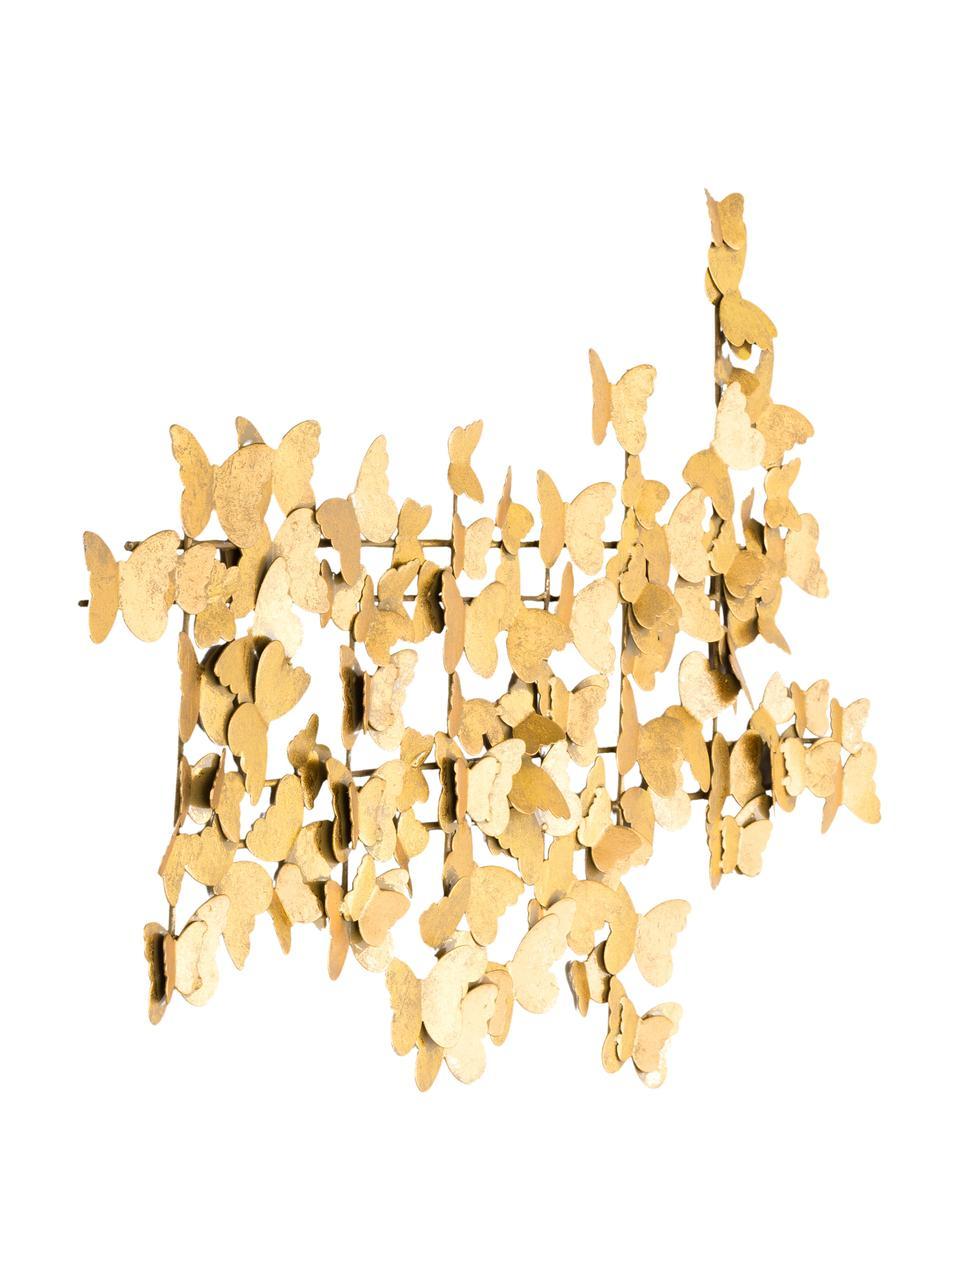 Décoration murale en métal Butterfly, Couleur dorée